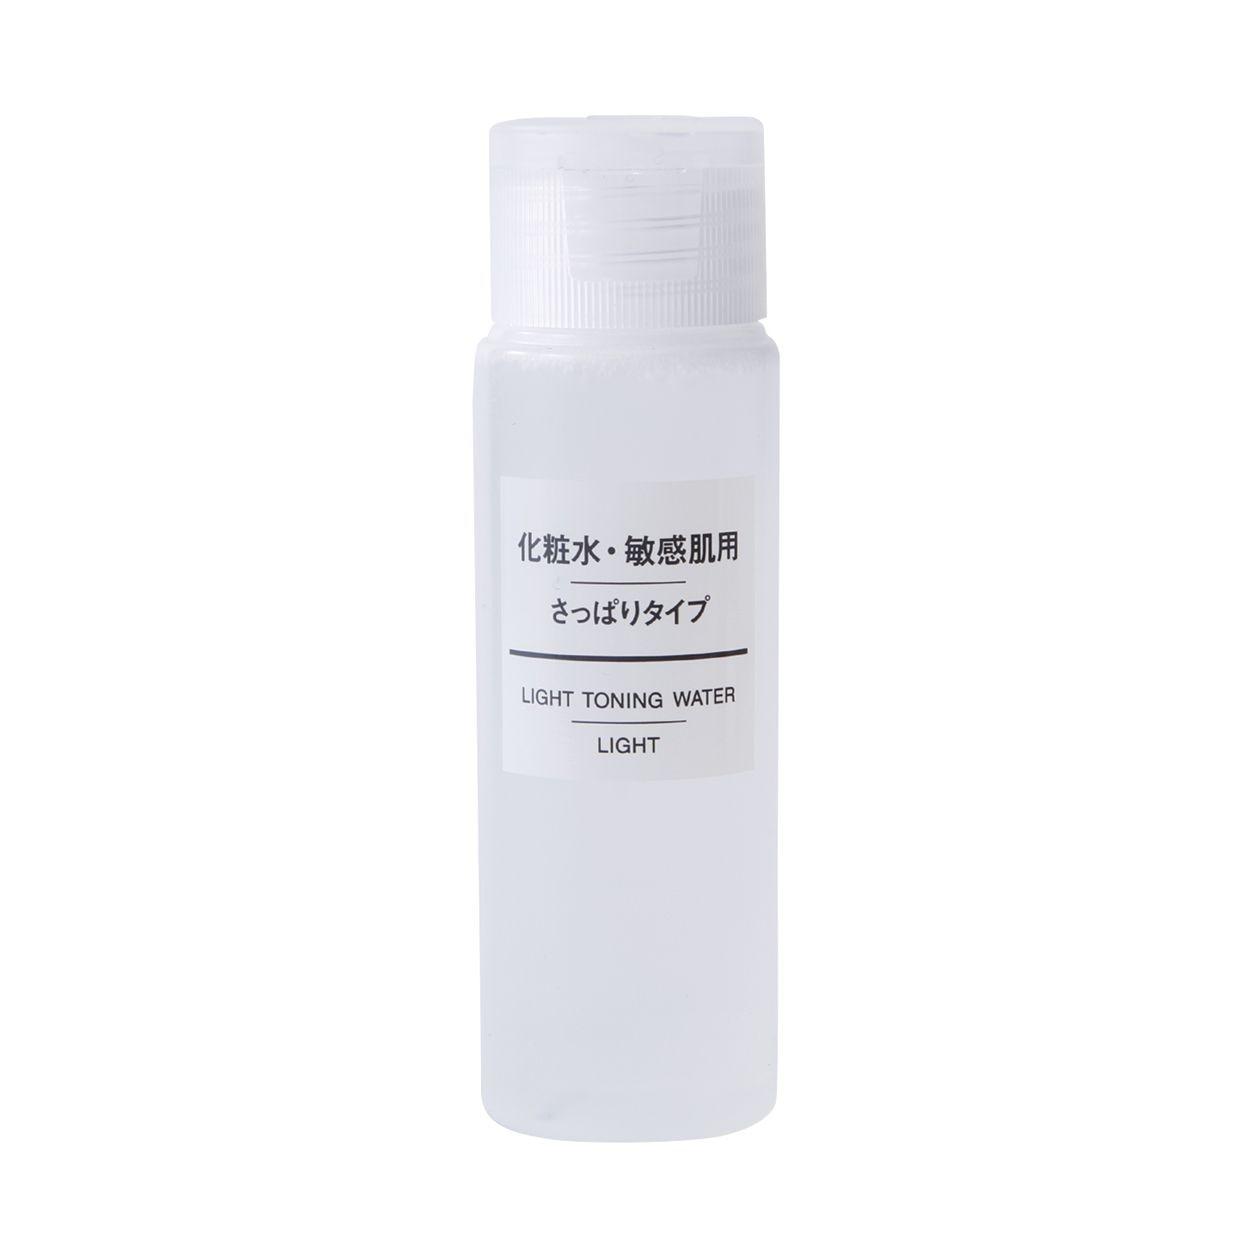 化粧水・敏感肌用・さっぱりタイプ(携帯用)